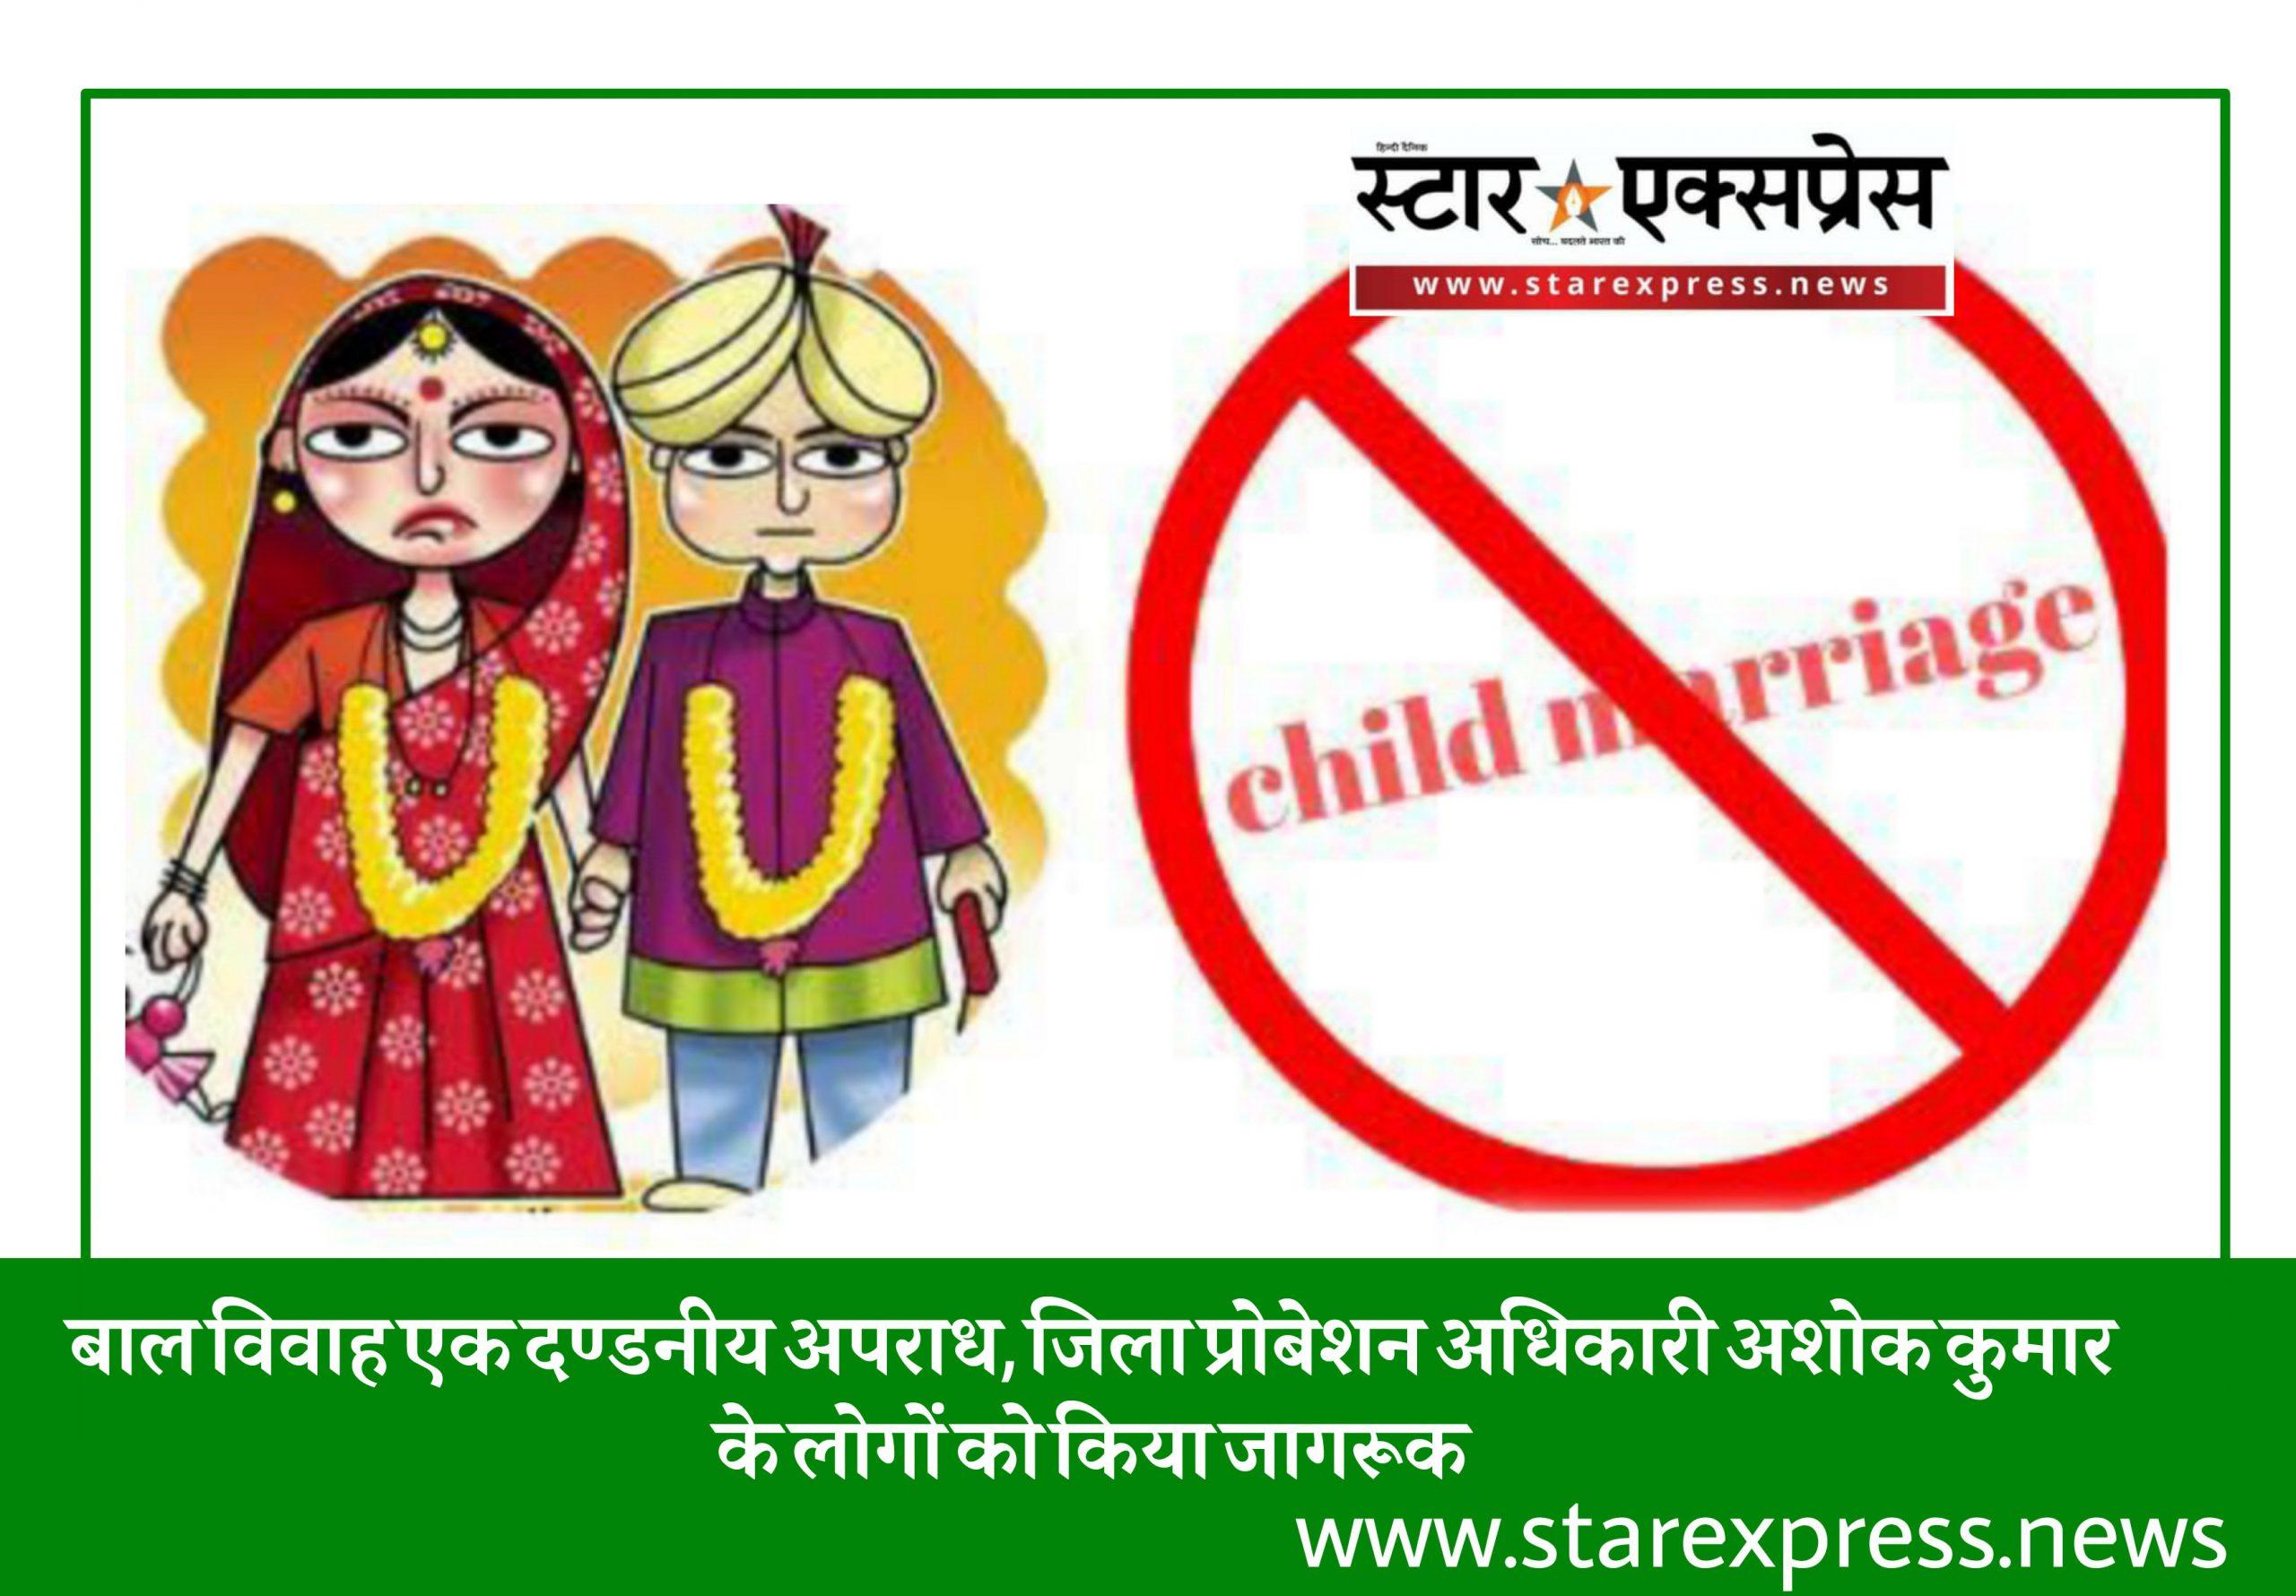 Photo of बाल विवाह एक दण्डनीय अपराध, जिला प्रोबेशन अधिकारी अशोक कुमार ने लोगों को किया जागरूक